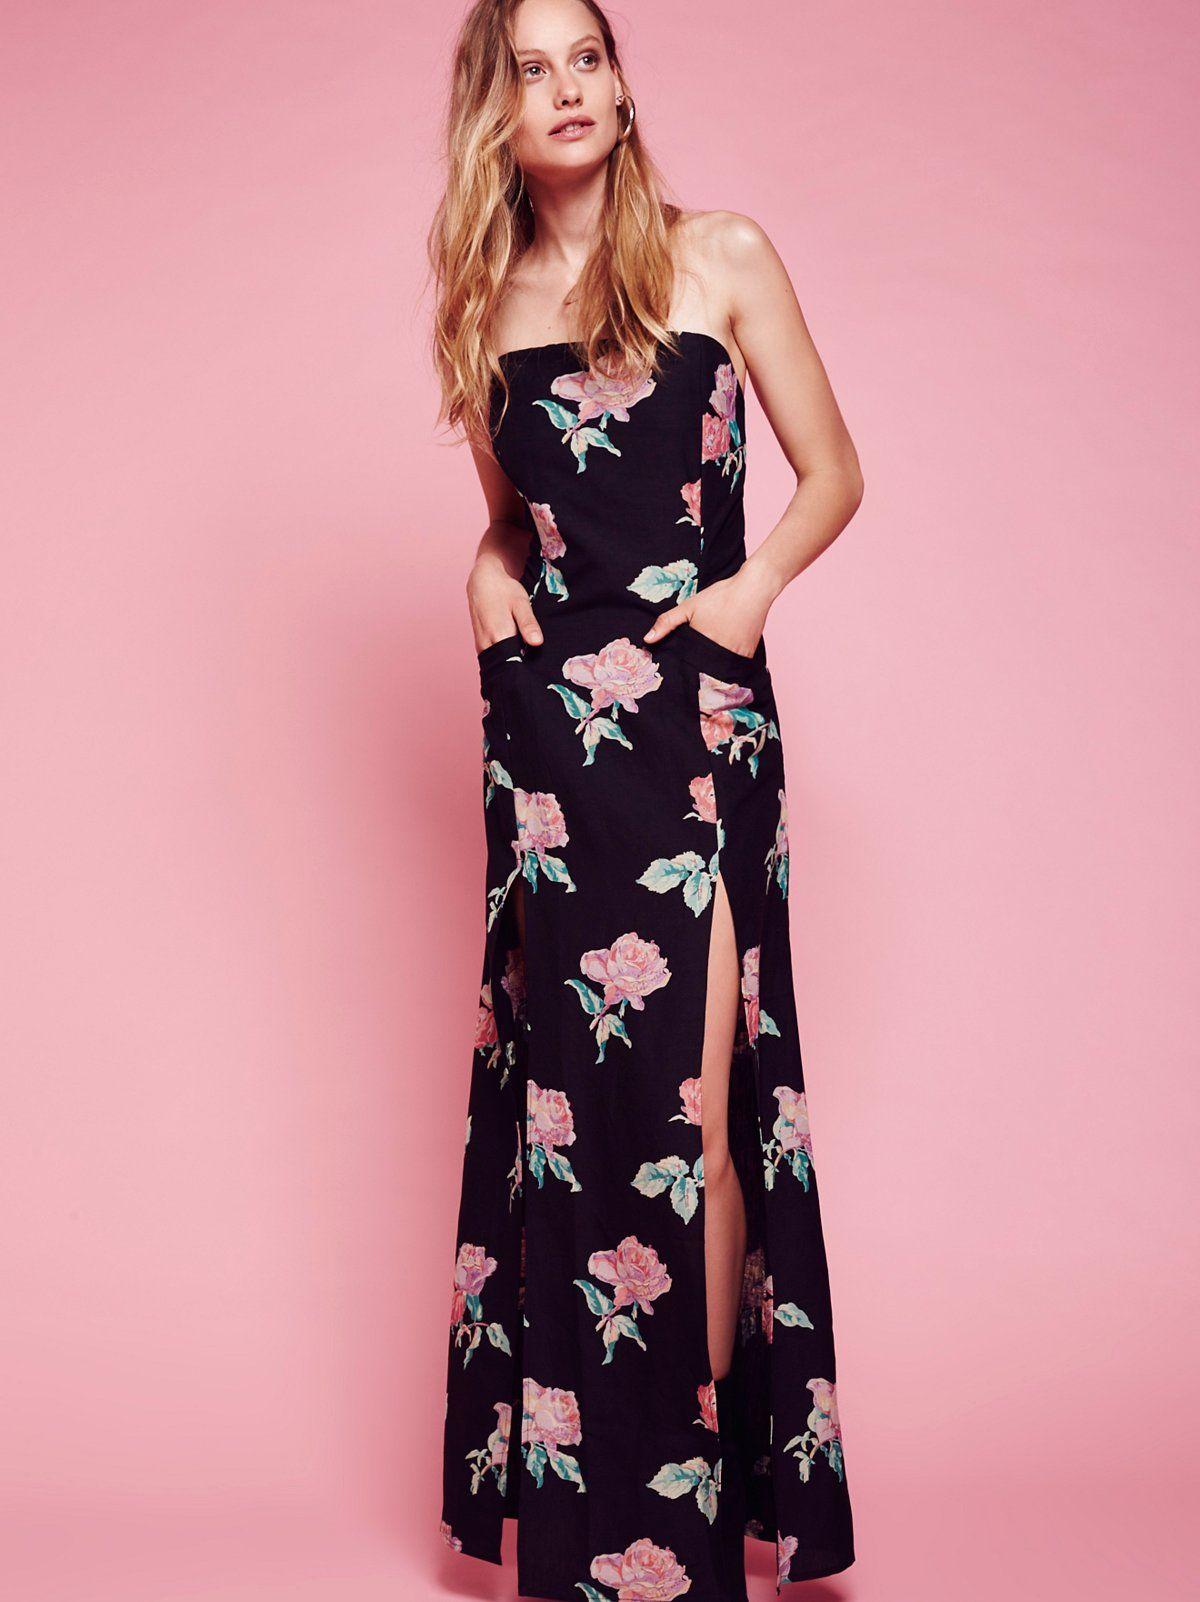 Primrose Gown White Maxi Dress Boho Bohemian Fashion Summer Shop Floral Dresses [ 1602 x 1200 Pixel ]